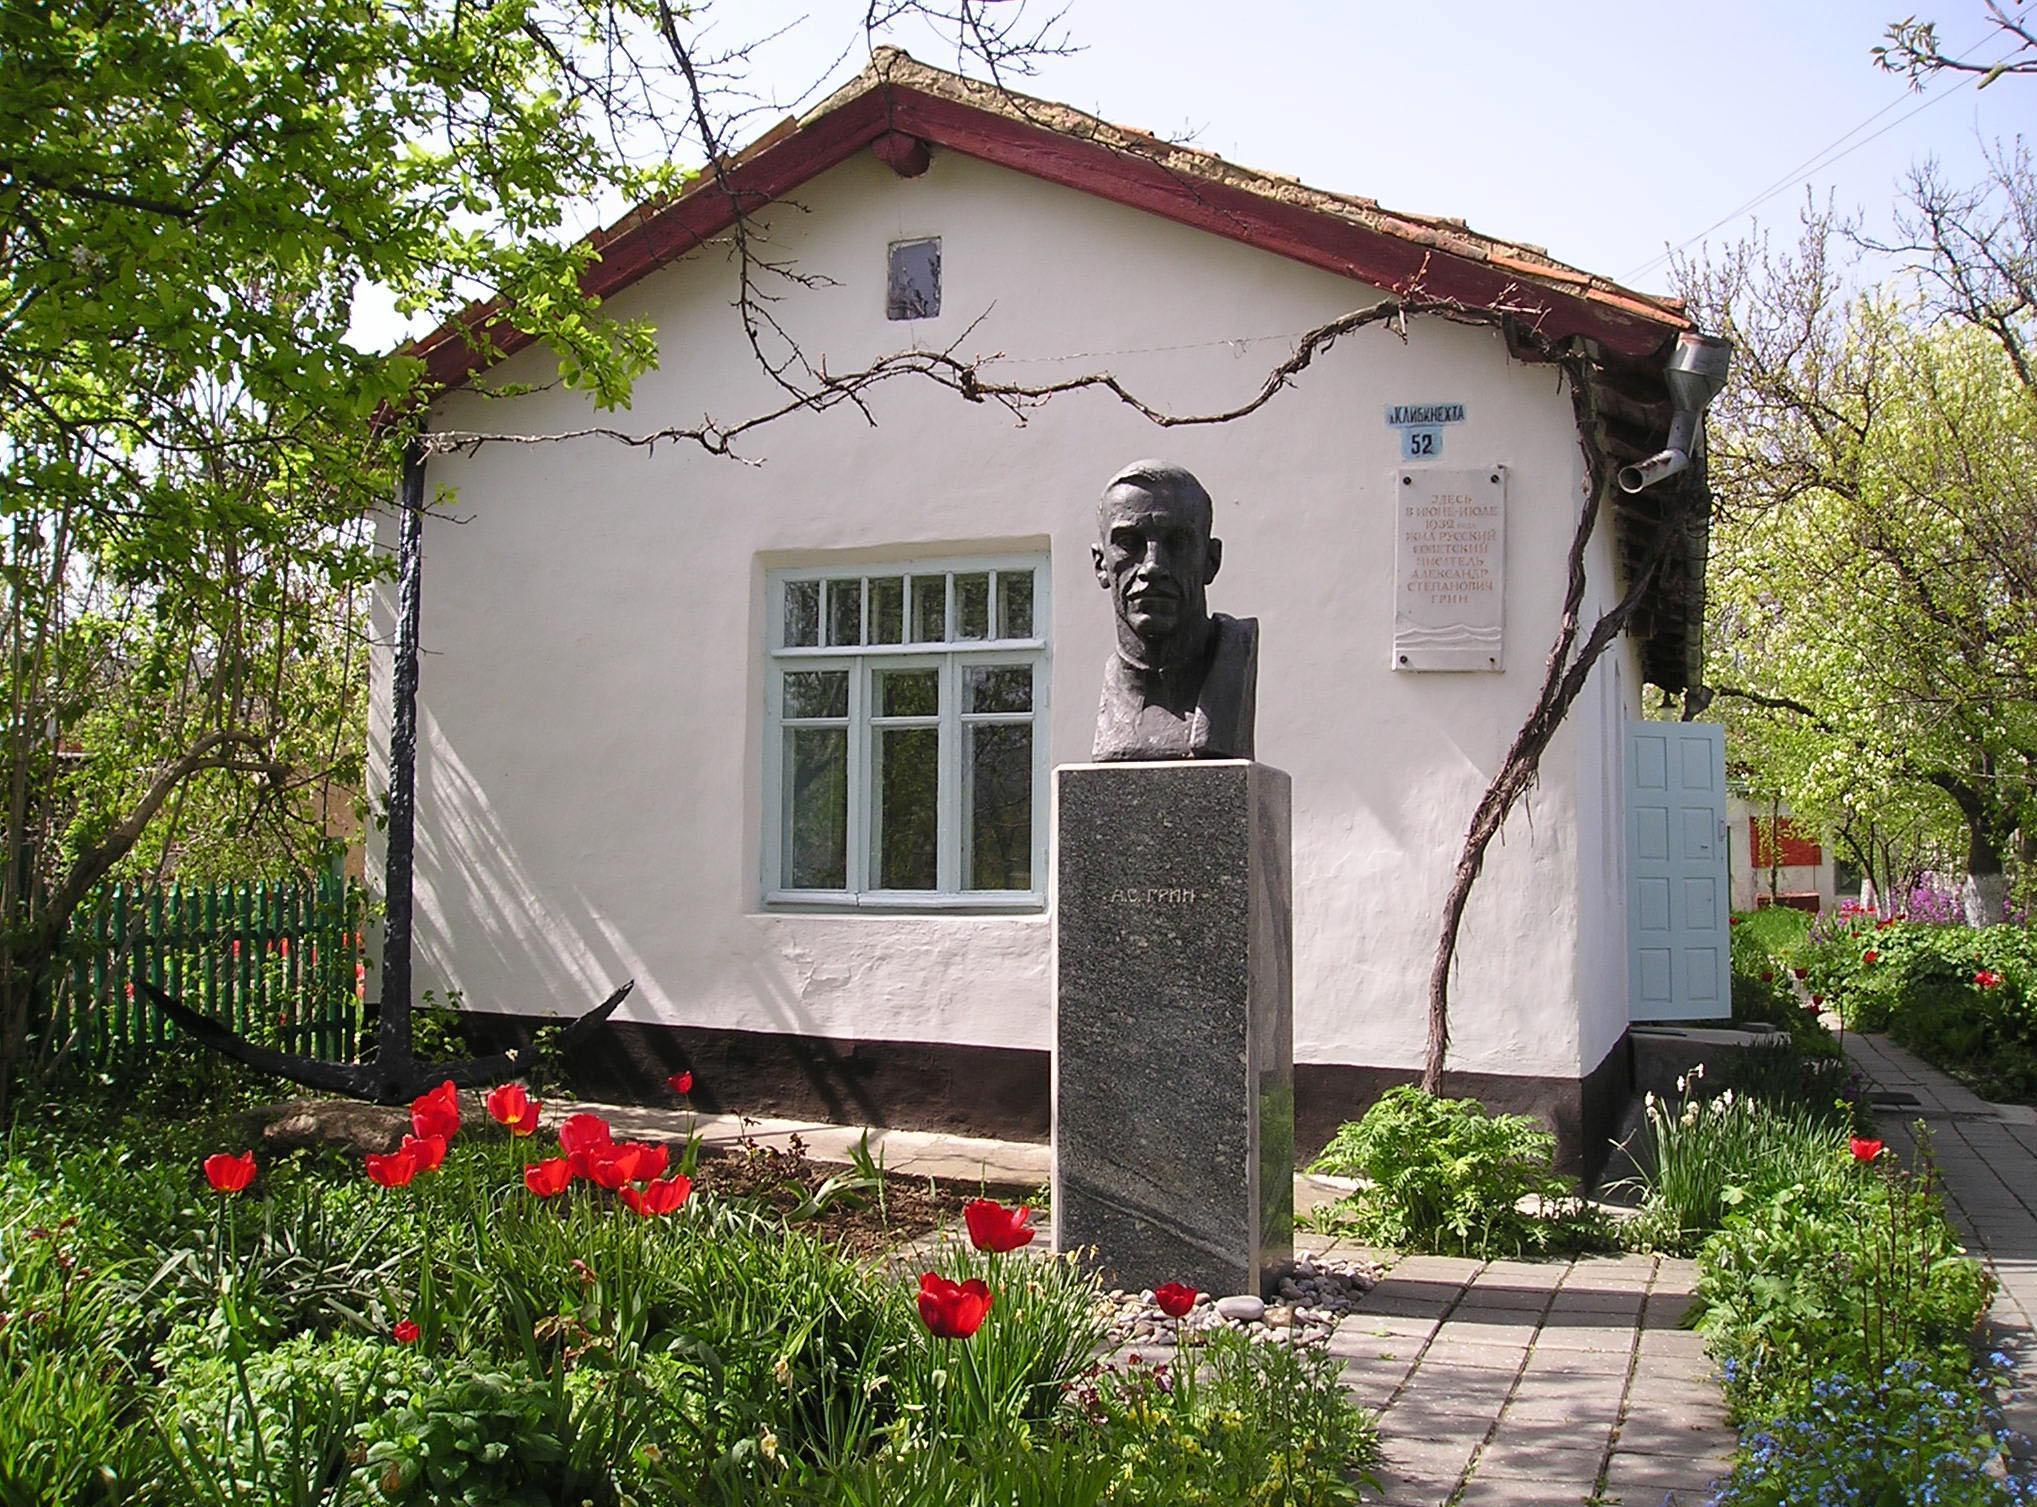 В Крыму два музея Грина: один в Феодосии, другой в Старом Крыму. В Феодосию Александр Грин с женой переехал в 1924 году.